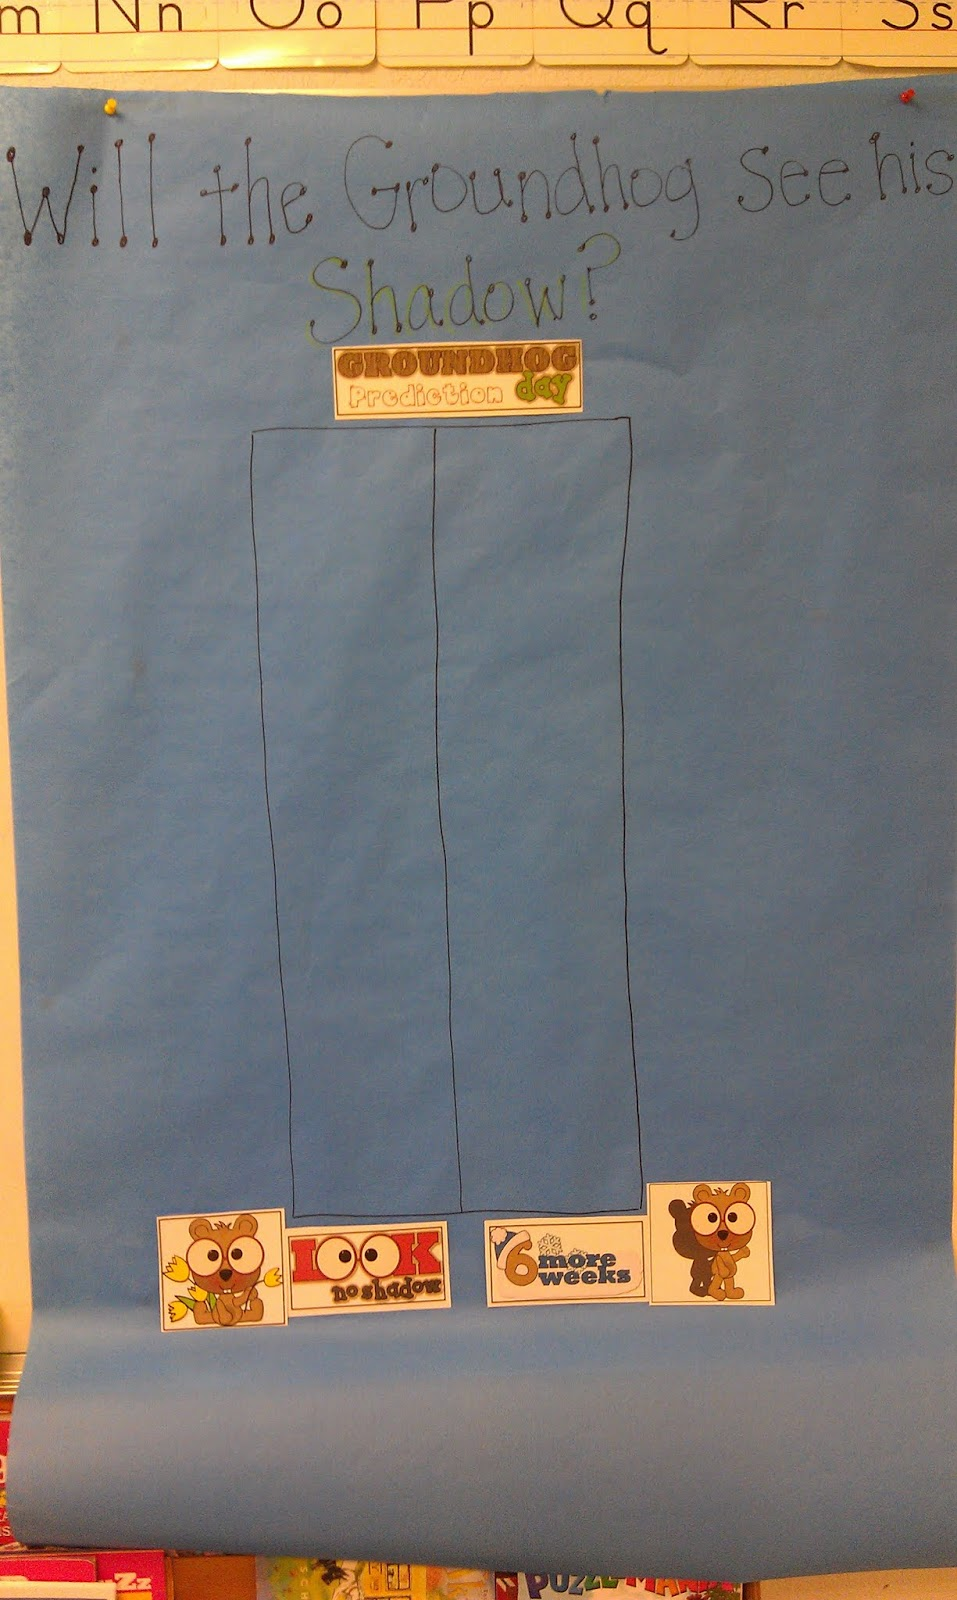 Tales-of-a-First-Grade-Teacher: February 2013